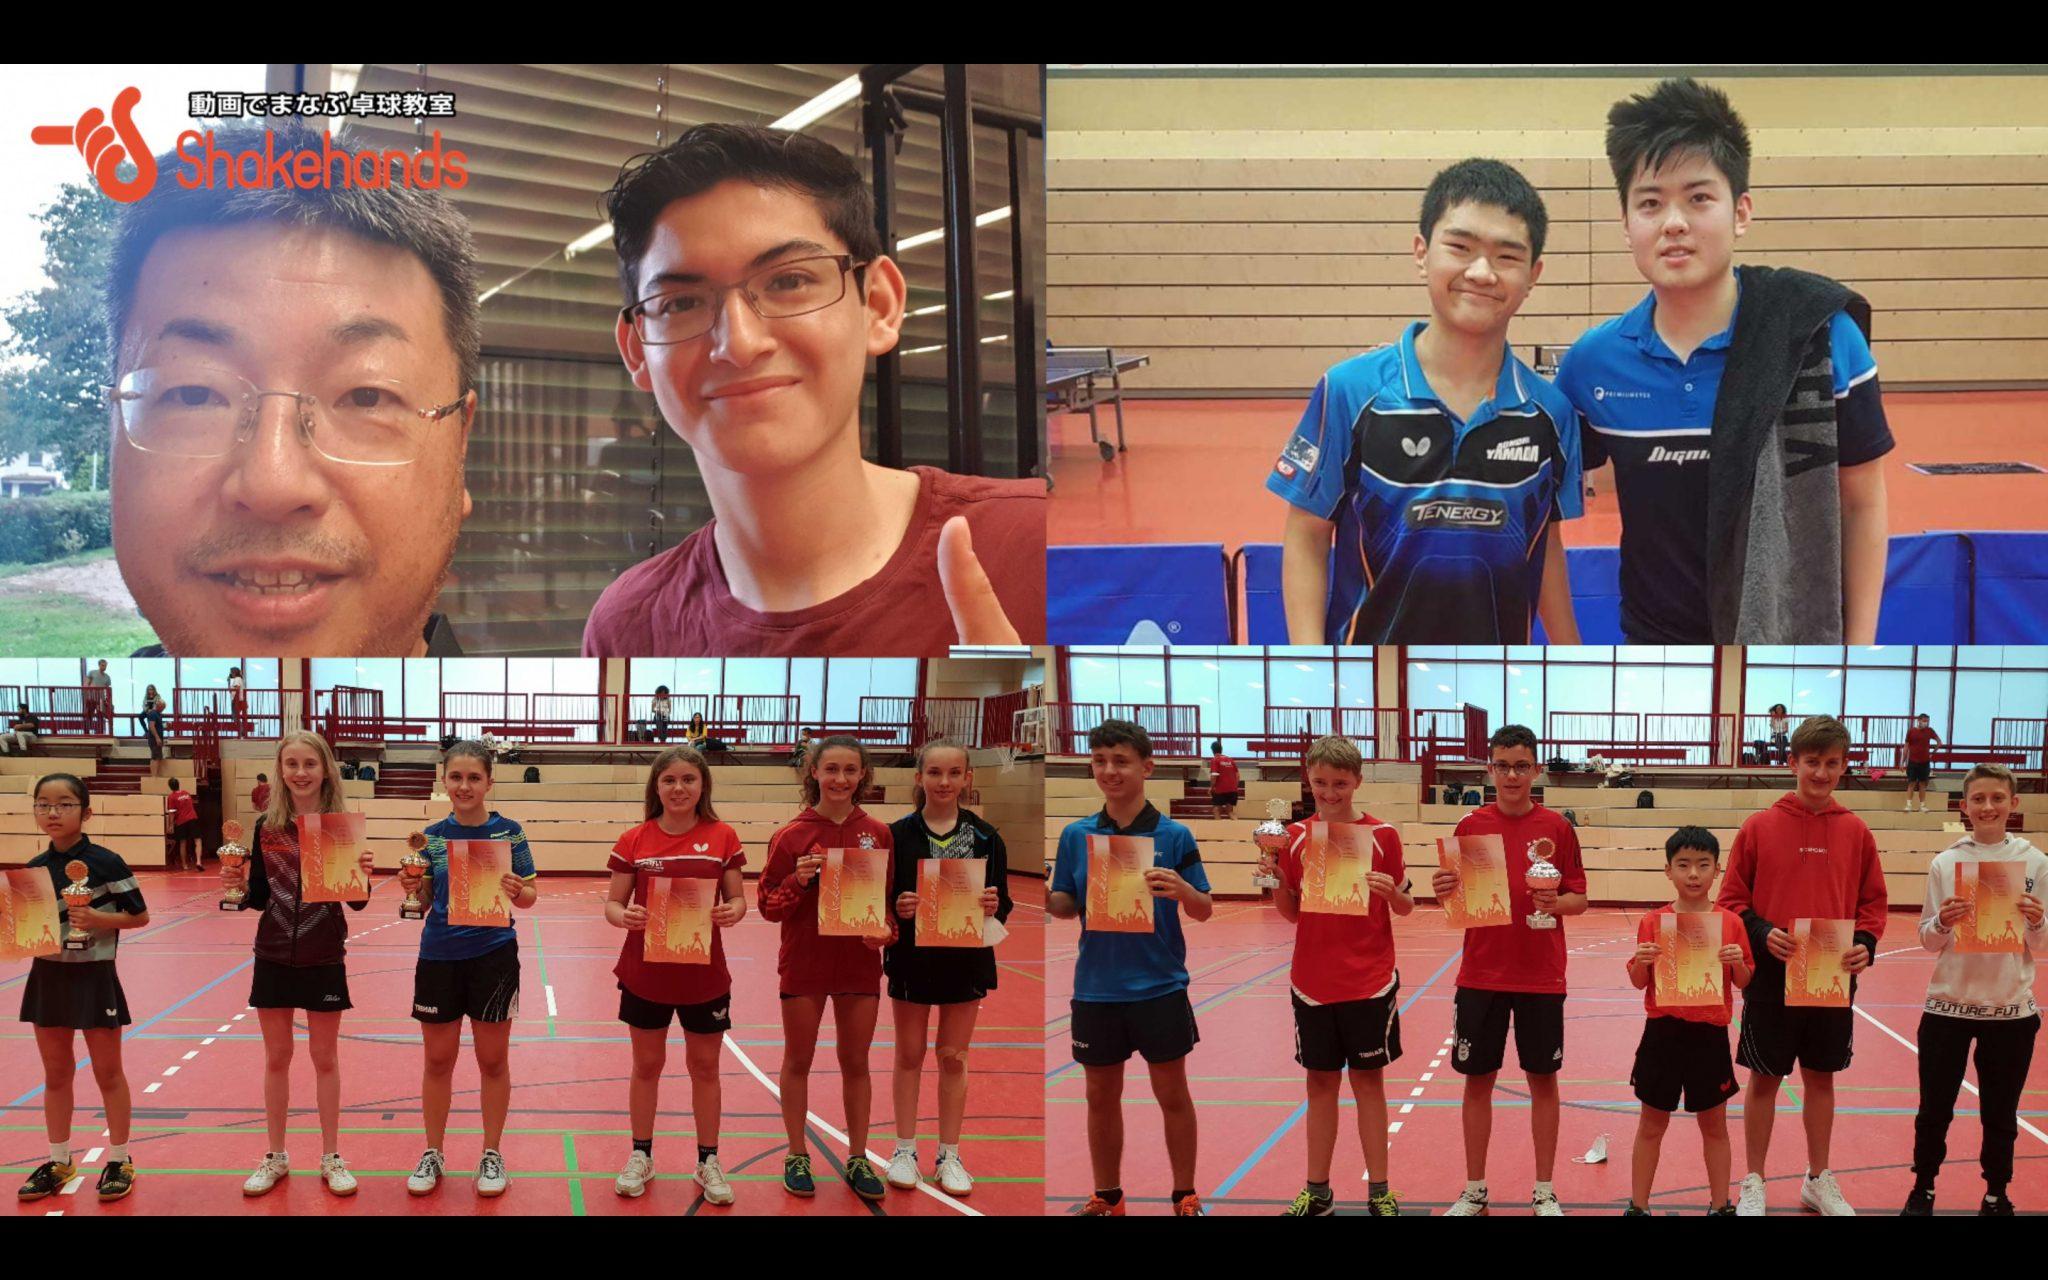 バイエルン州Top10 14歳以下の部と卓球の縁で偶然出会った選手